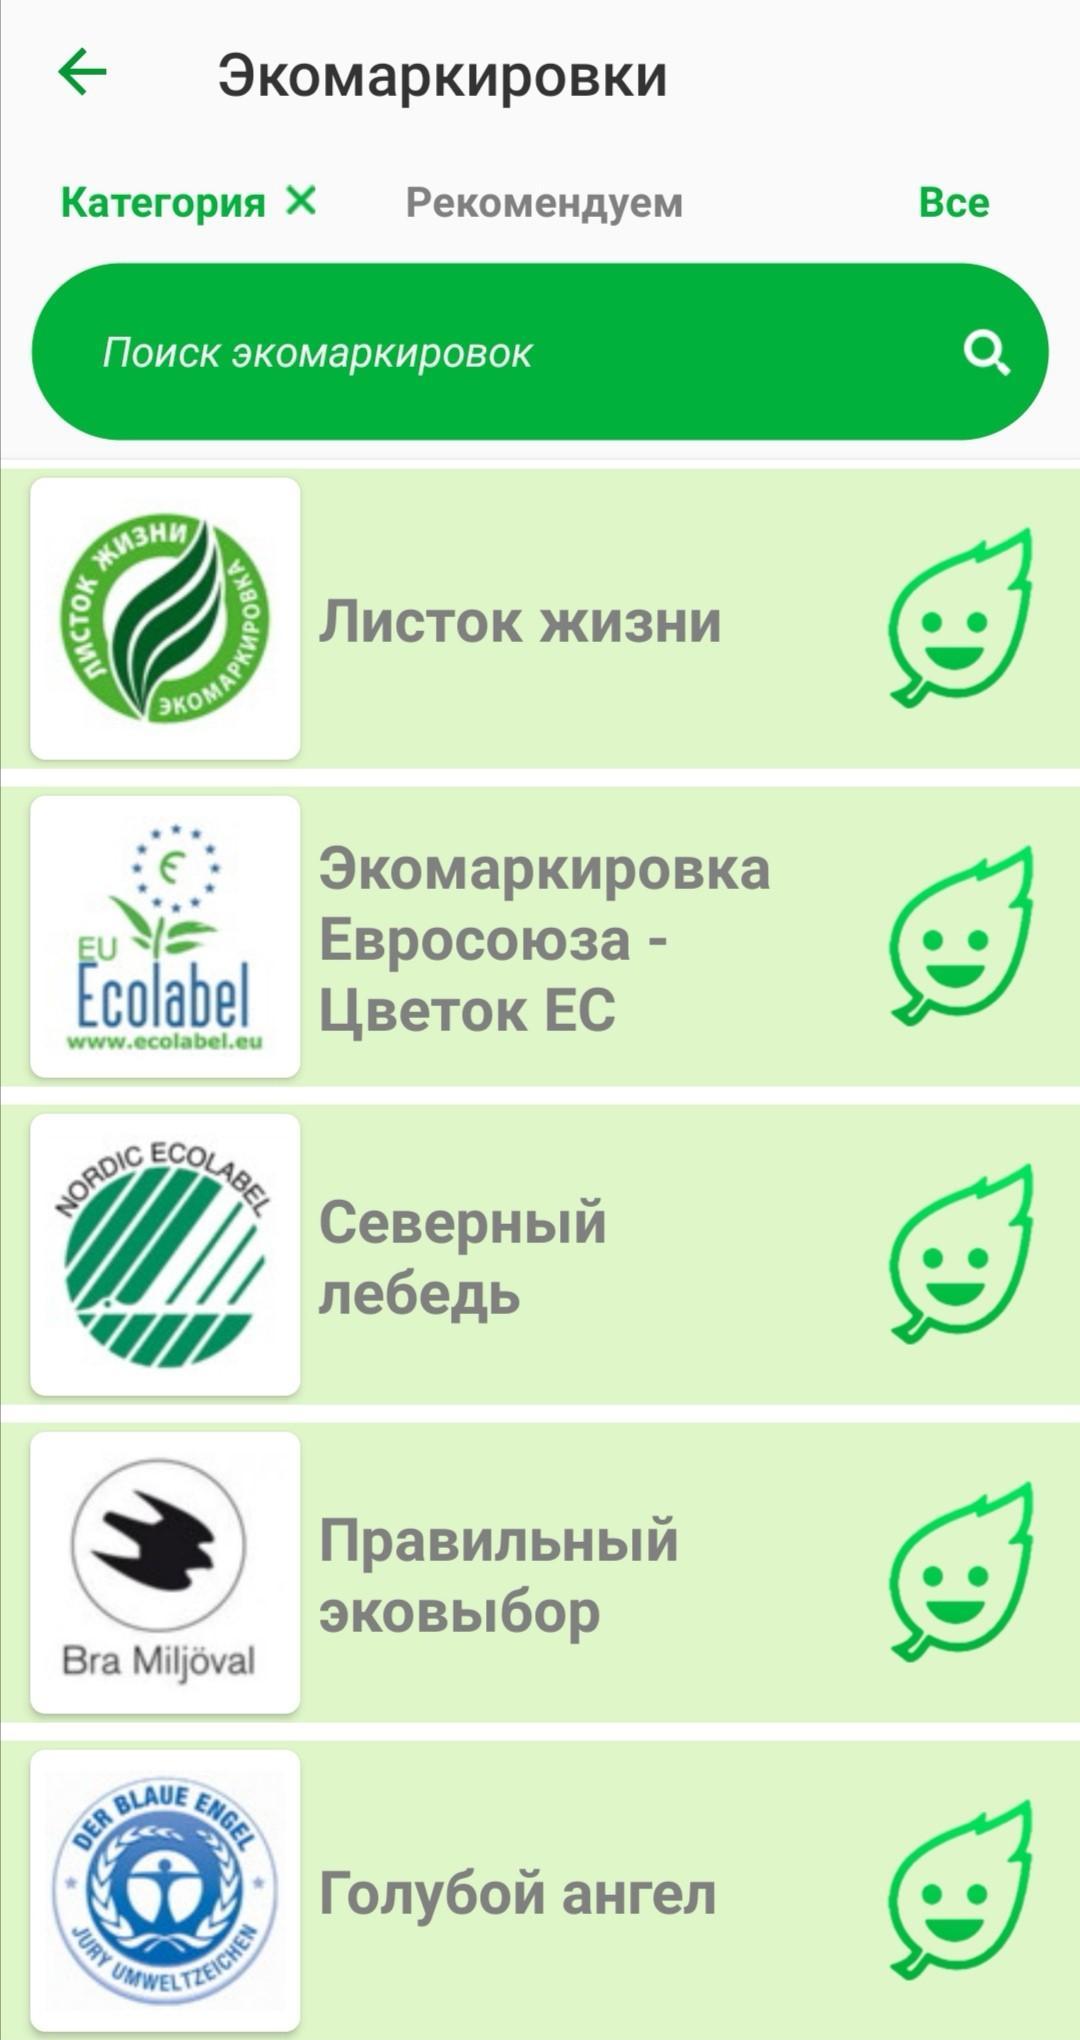 Приложения, с помощью которых можно проверить качество продуктов питания